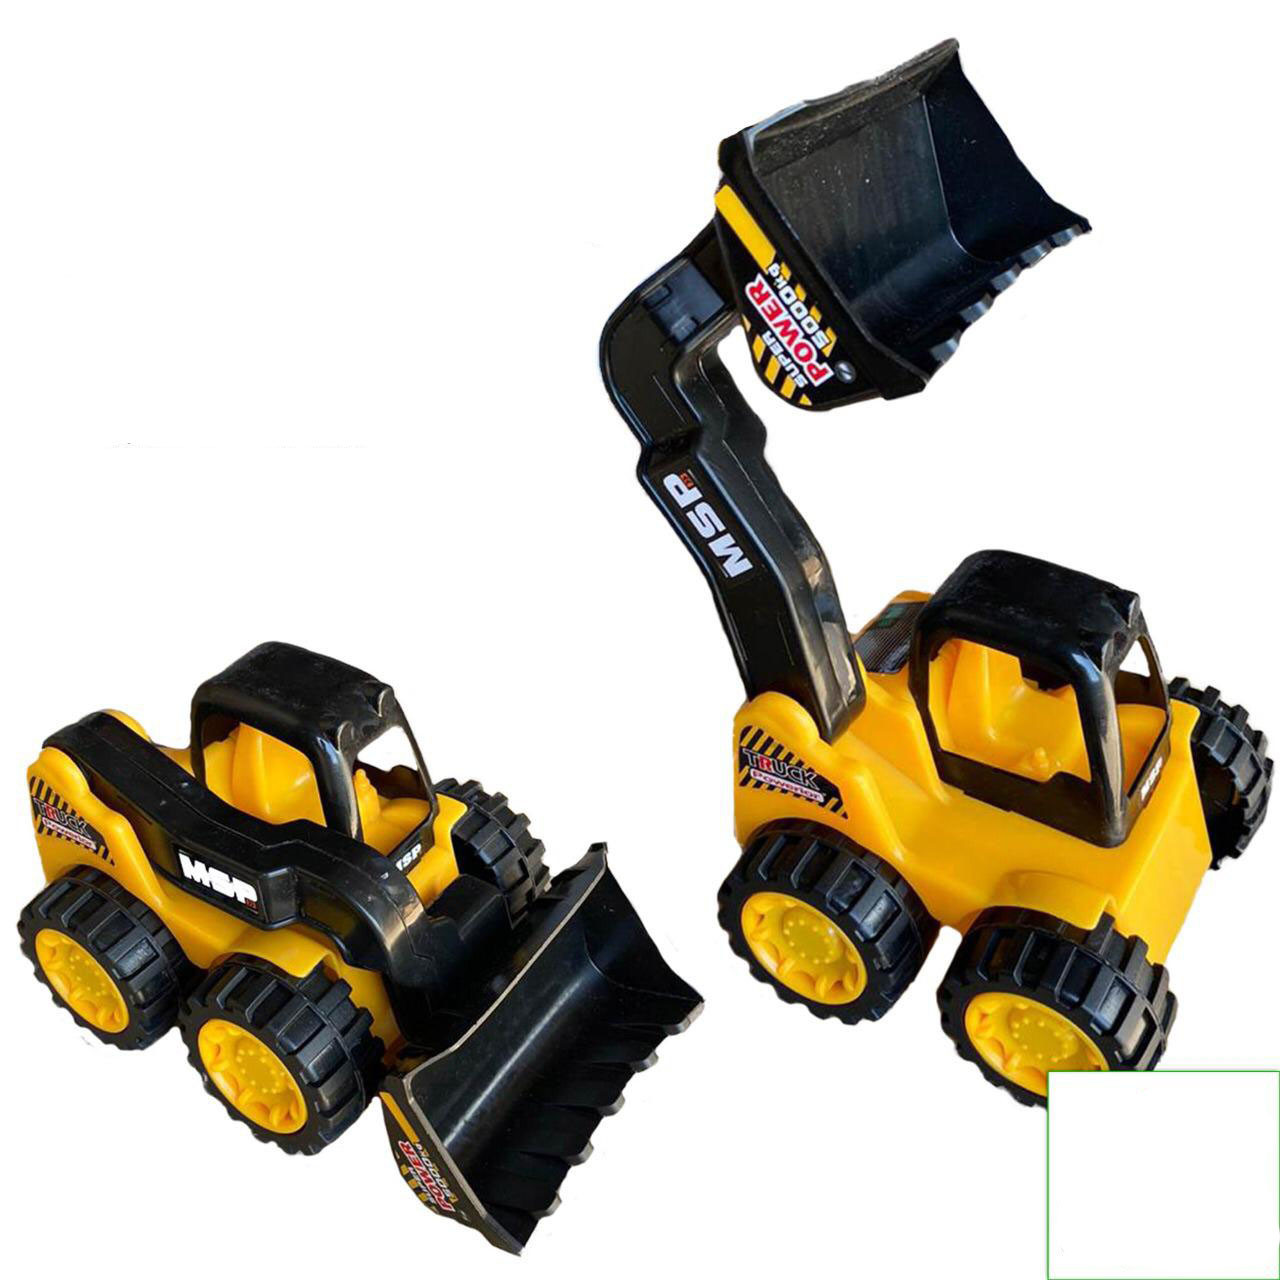 0016 Бульдозер-экскаватор 17*12см